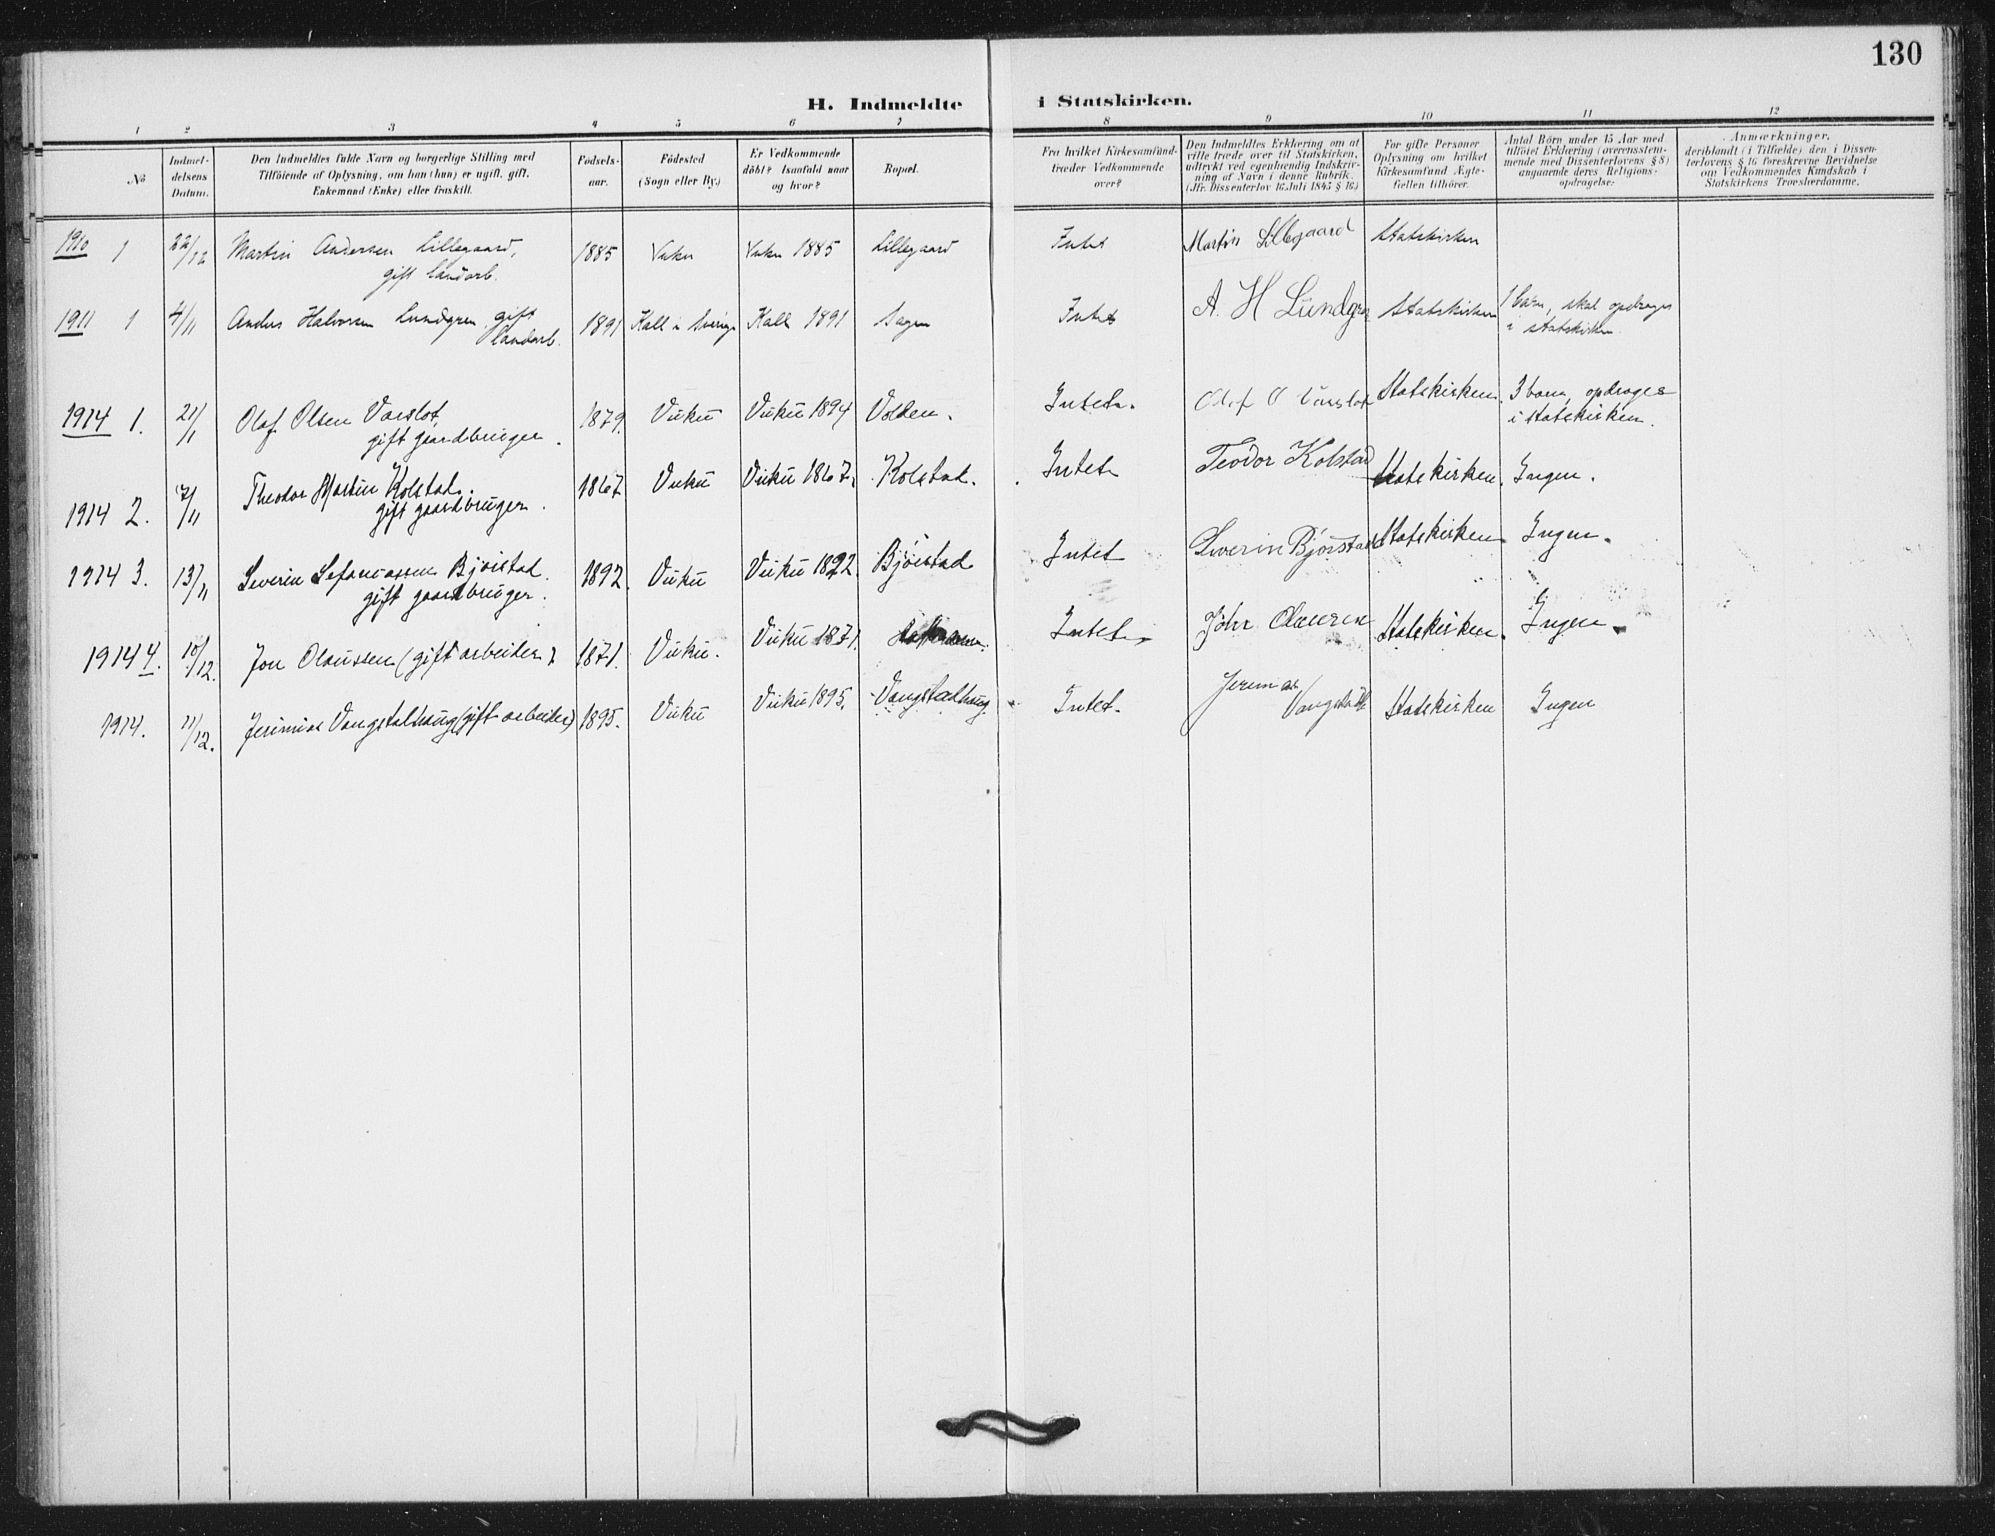 SAT, Ministerialprotokoller, klokkerbøker og fødselsregistre - Nord-Trøndelag, 724/L0264: Ministerialbok nr. 724A02, 1908-1915, s. 130